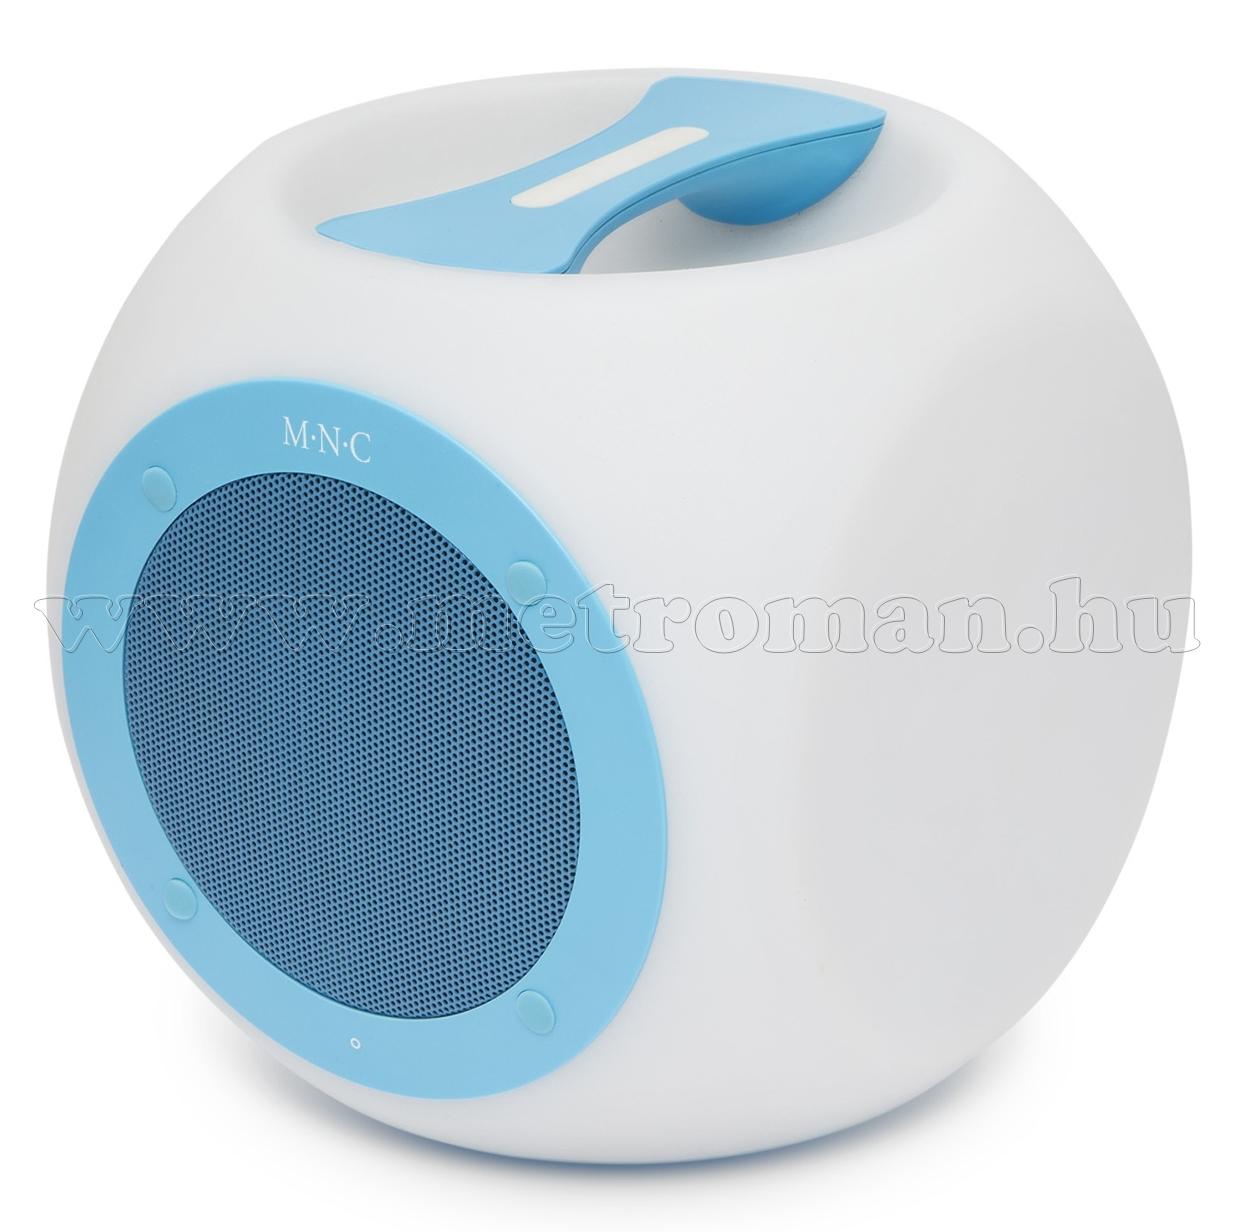 37951BL Hordozható, vízálló, színváltós Bluetooth hangszóró